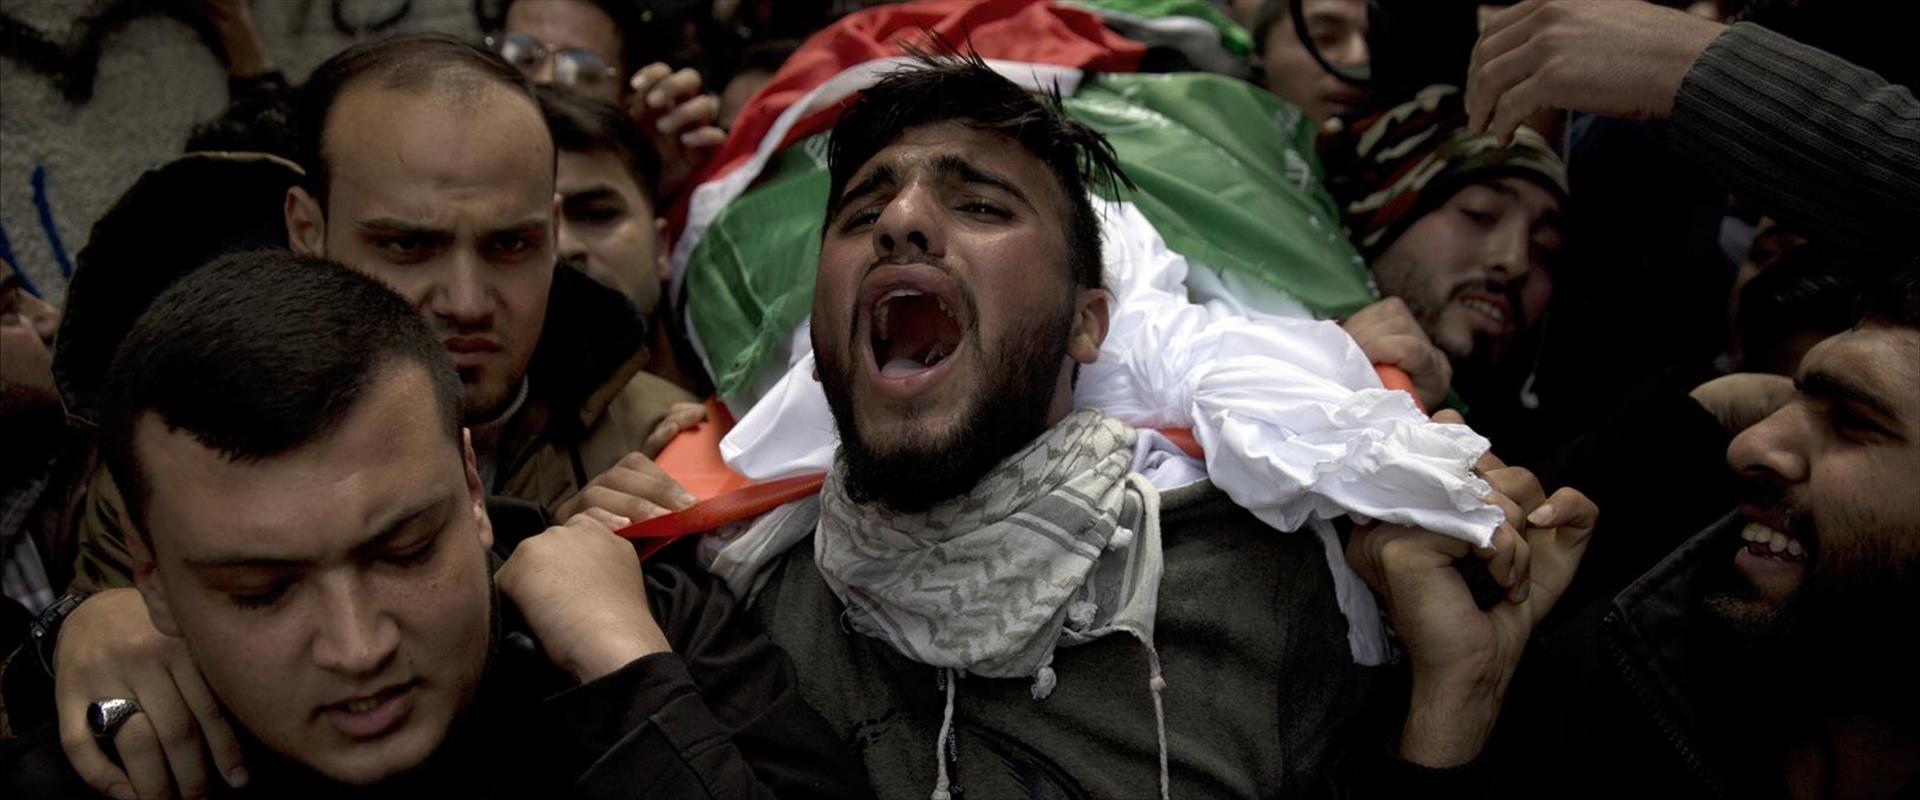 הלוויית נער פלסטיני בעזה, 03.09.19